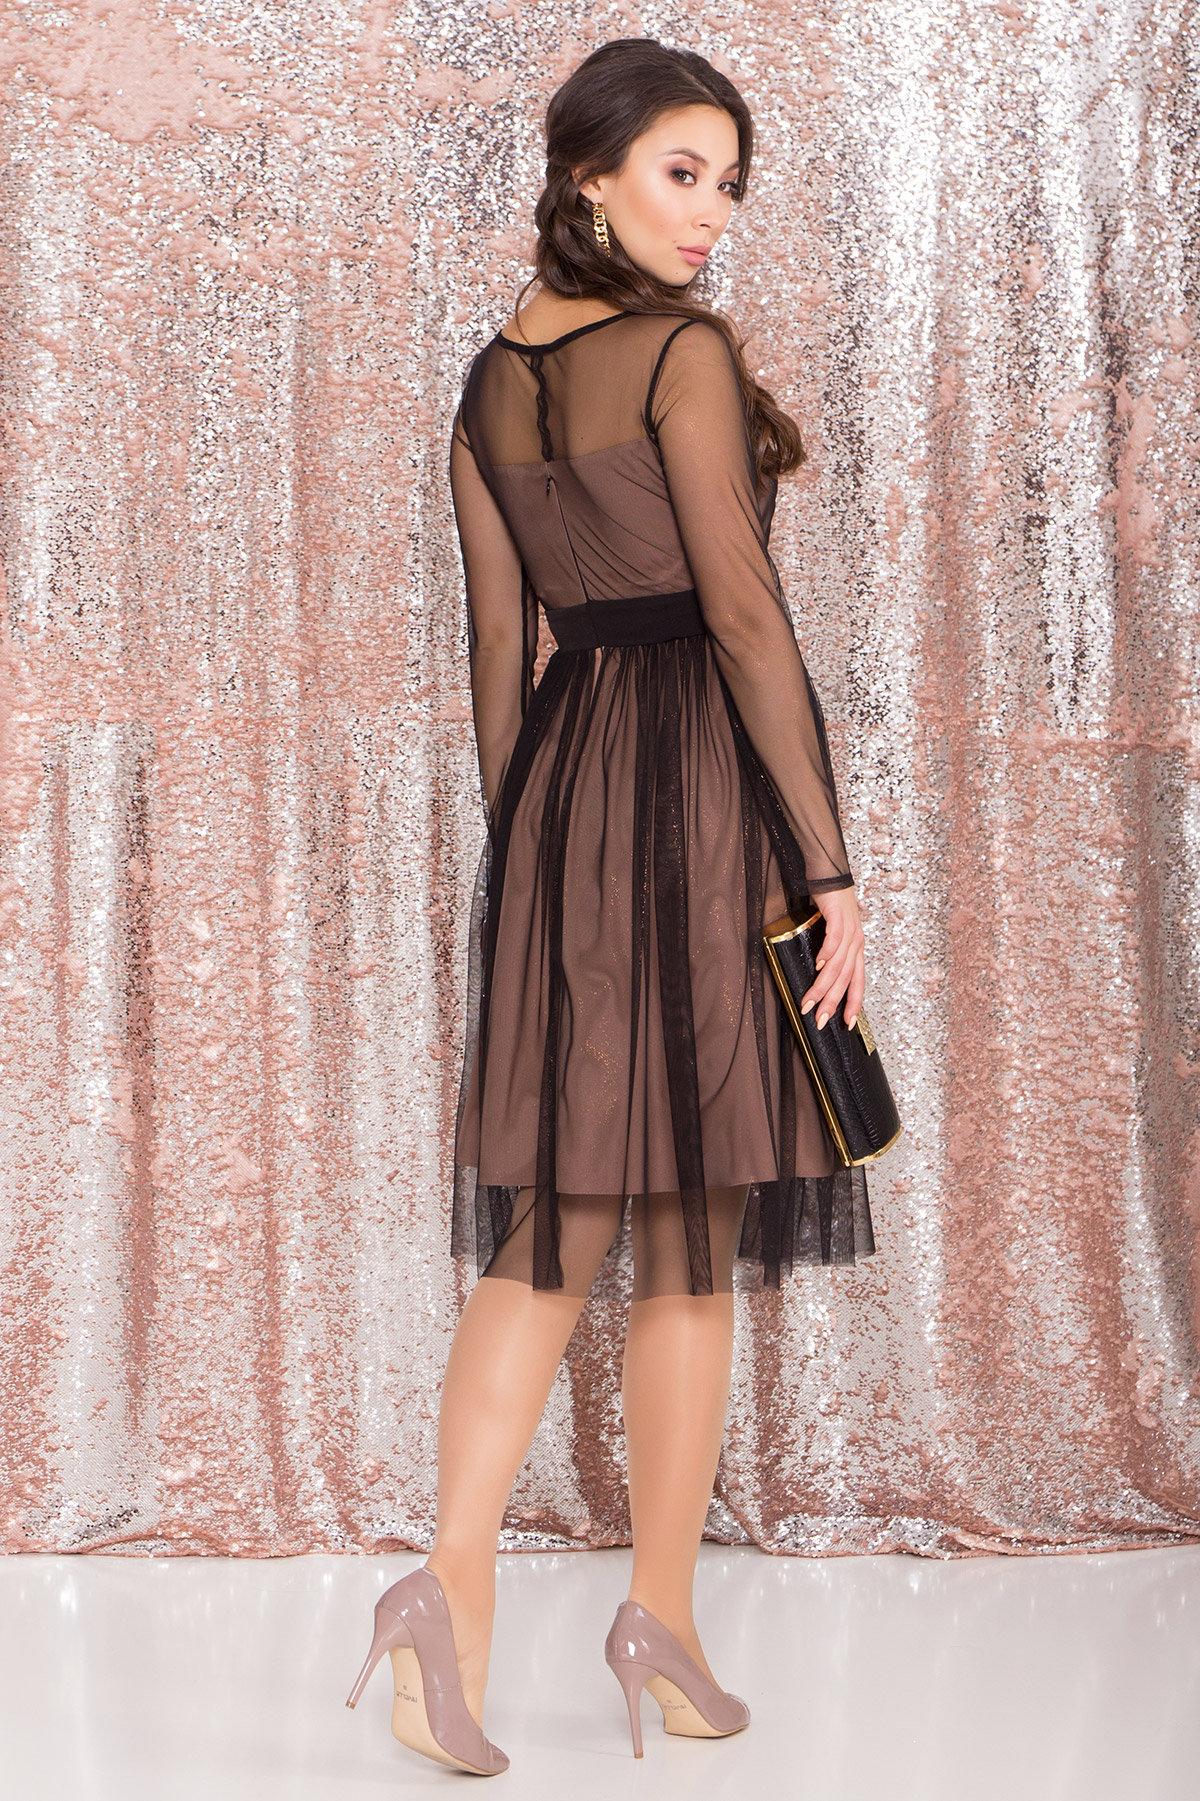 Платье миди длины с юбкой солнце-клеш Роял 8681 АРТ. 45006 Цвет: Черный/золото - фото 15, интернет магазин tm-modus.ru